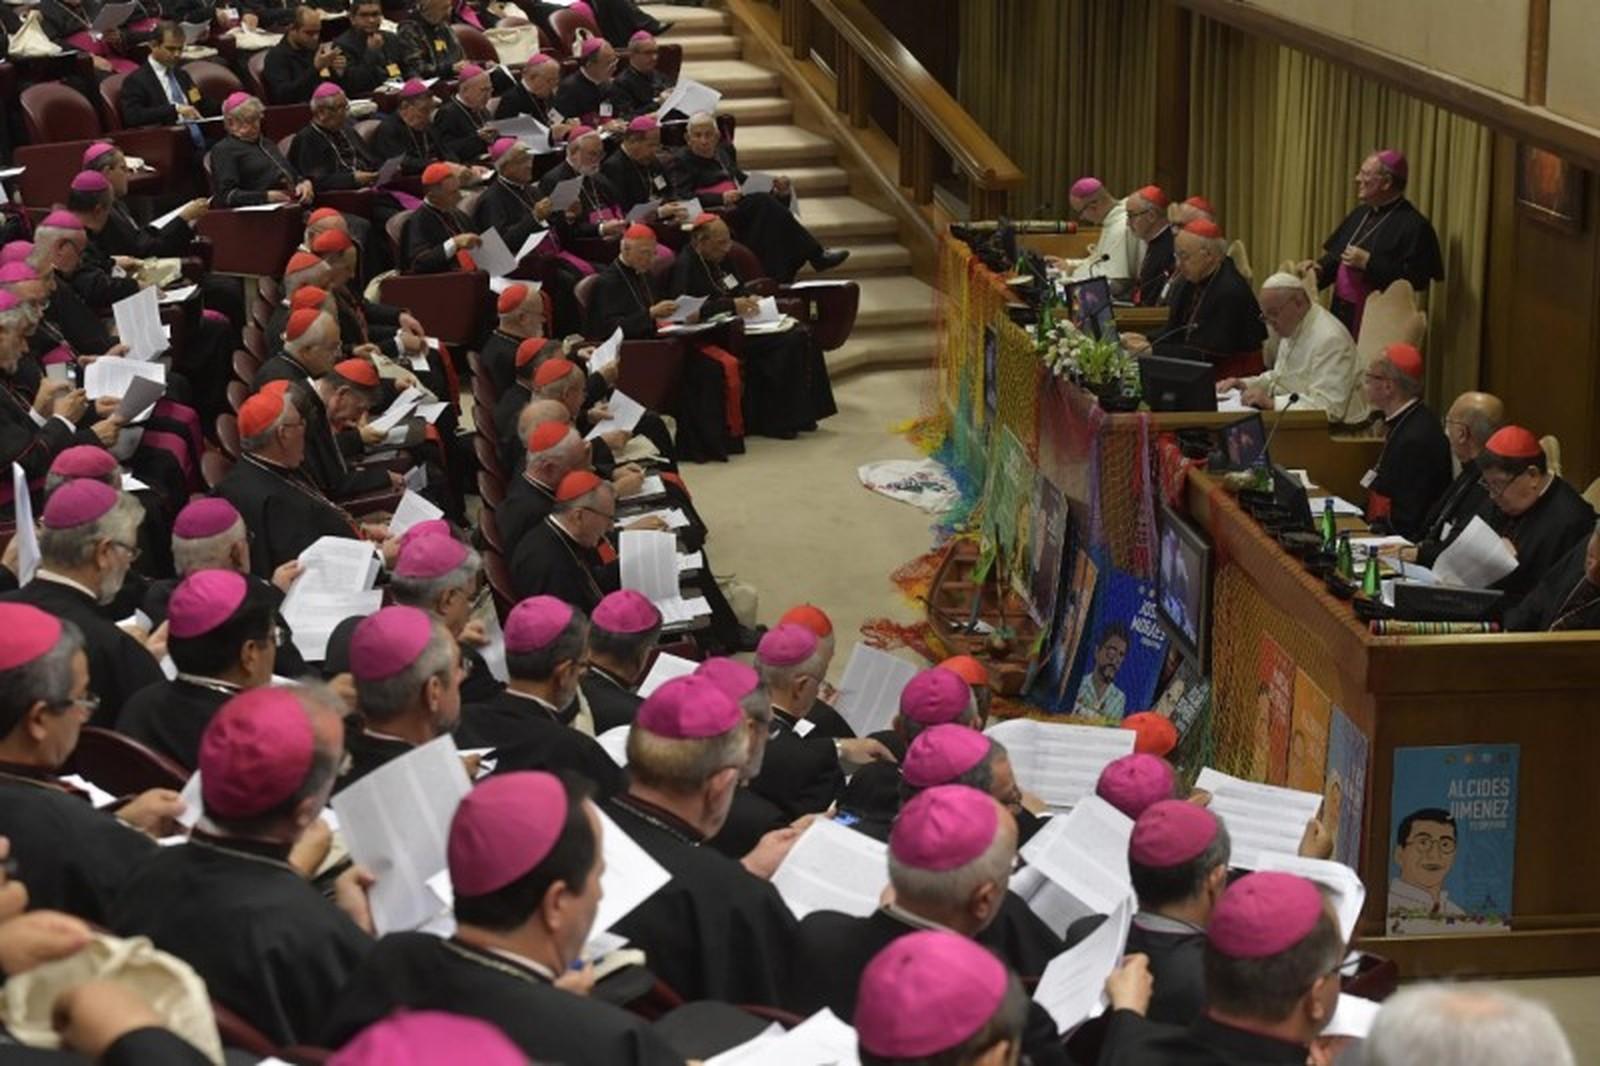 Encontro do Papa com bispos no encerramento do Sínodo — Foto: Vaticano/Divulgação